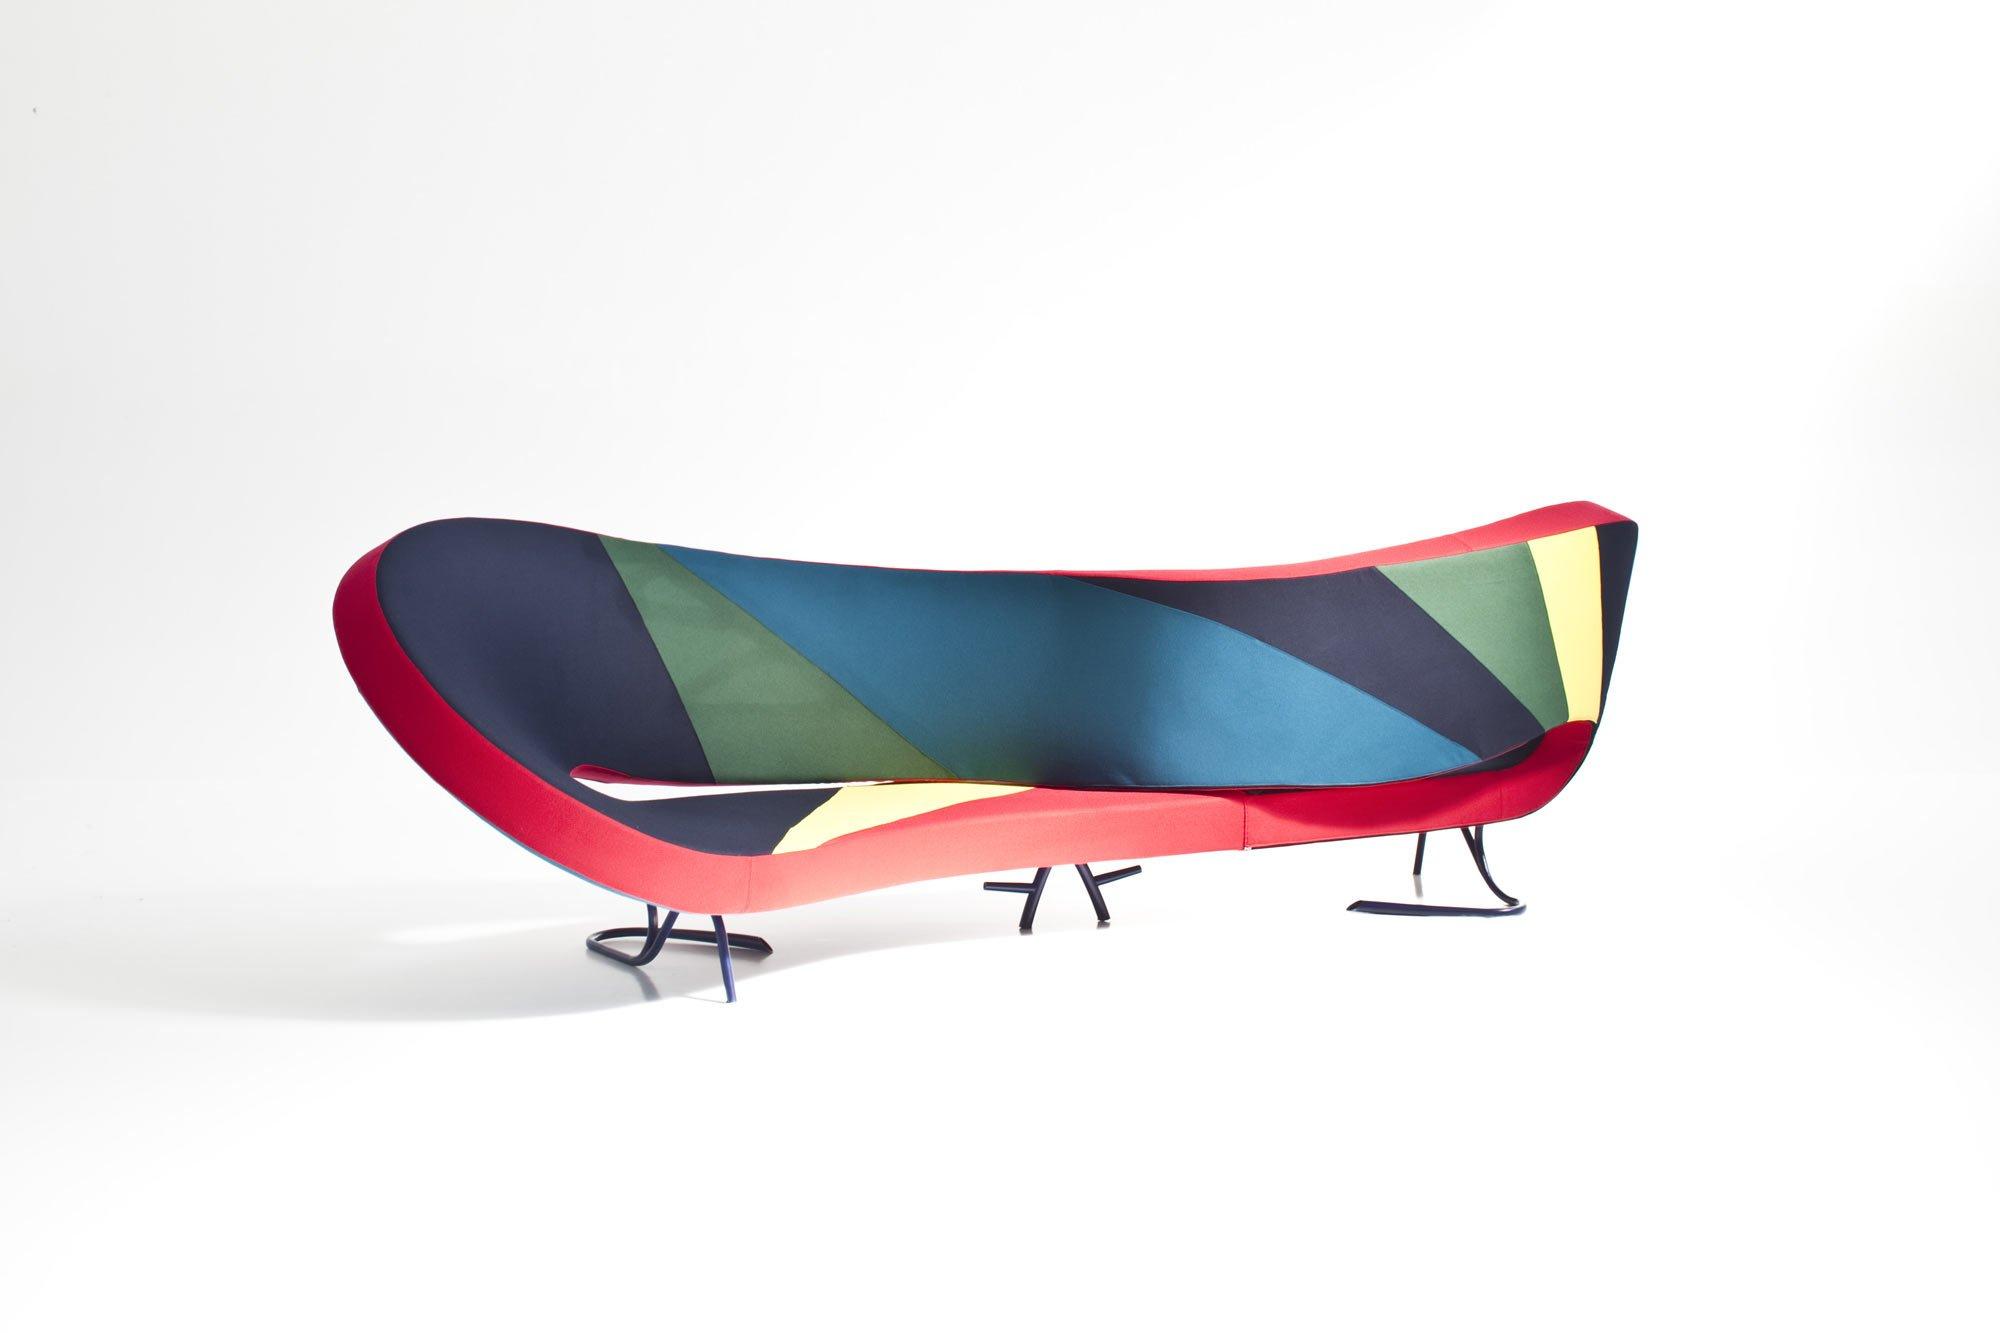 Sitzmöbelkollektion von Martino Gamper zum 60. Moroso-Jubiläum